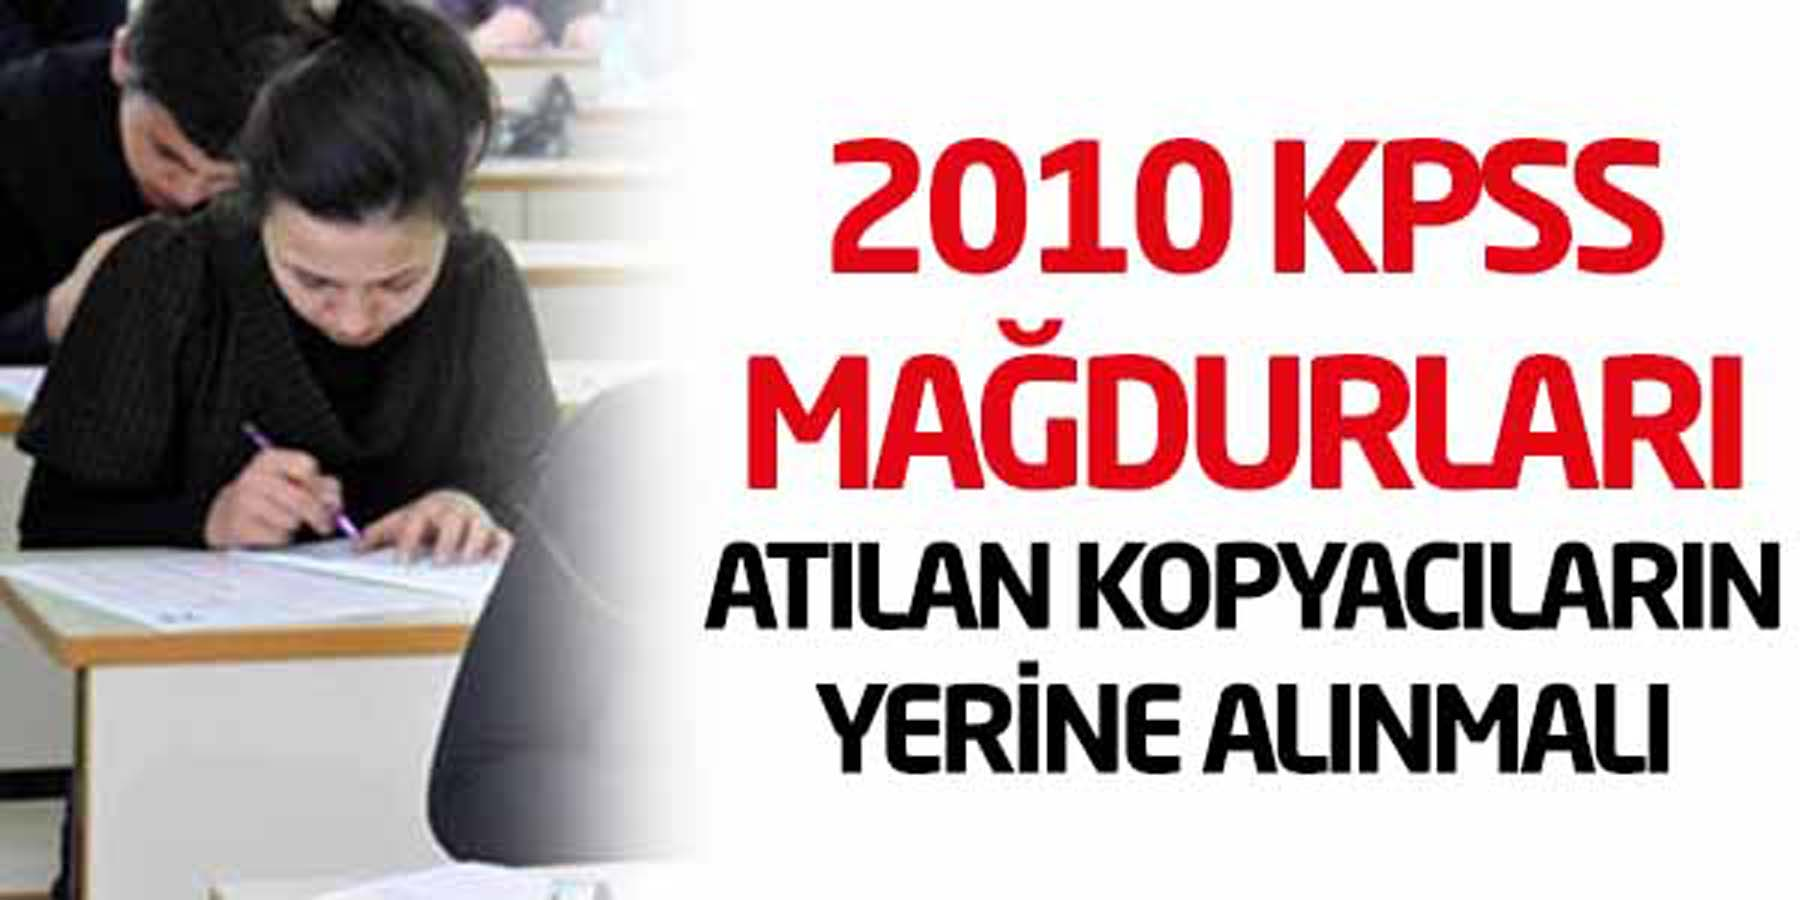 2010 KPSS Mağdurları Atılan Kopyacıların Yerine Alınmalı